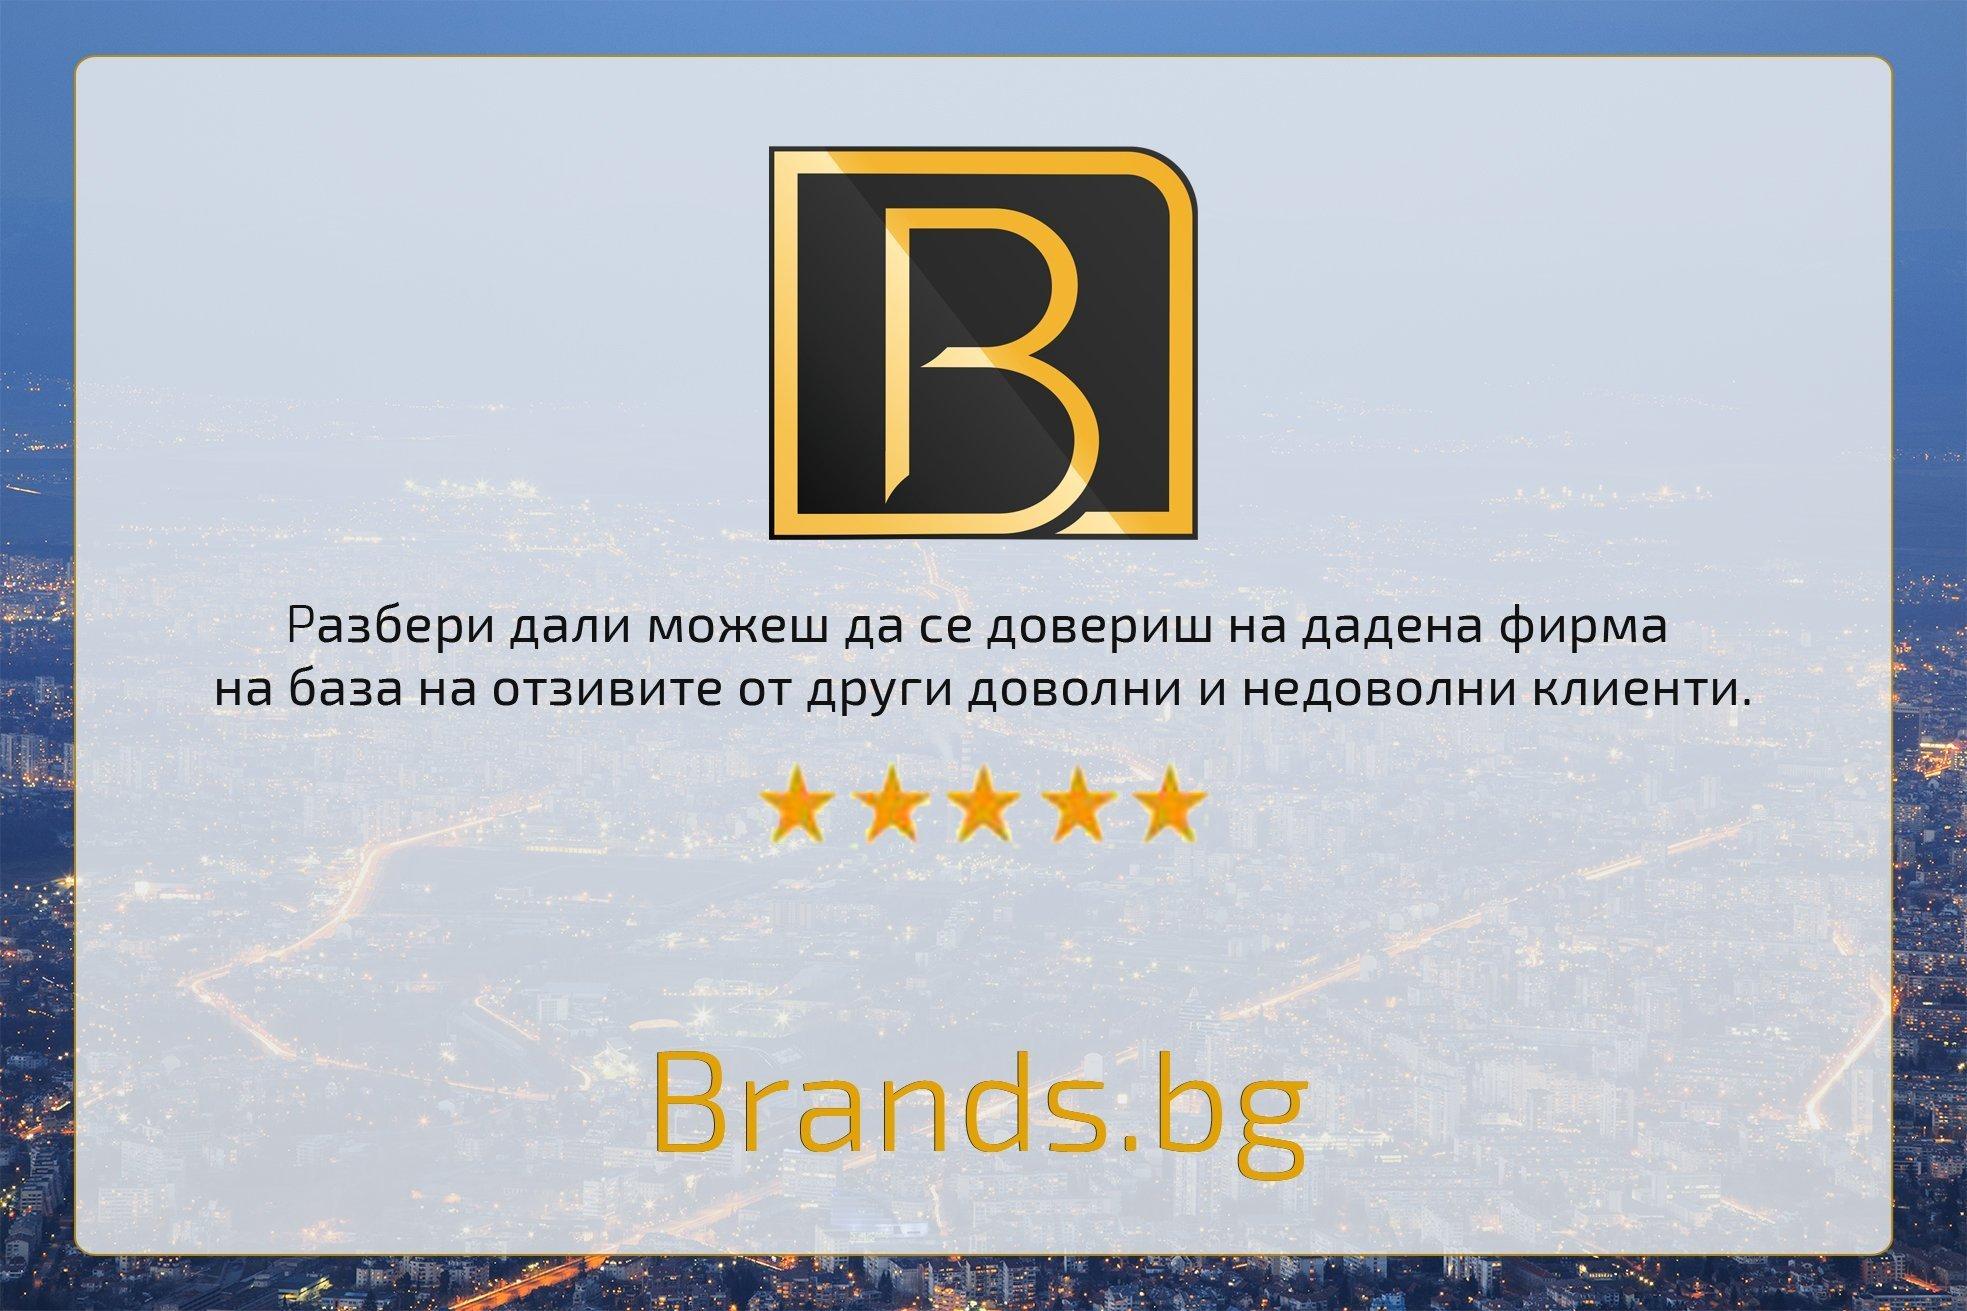 Brands.bg